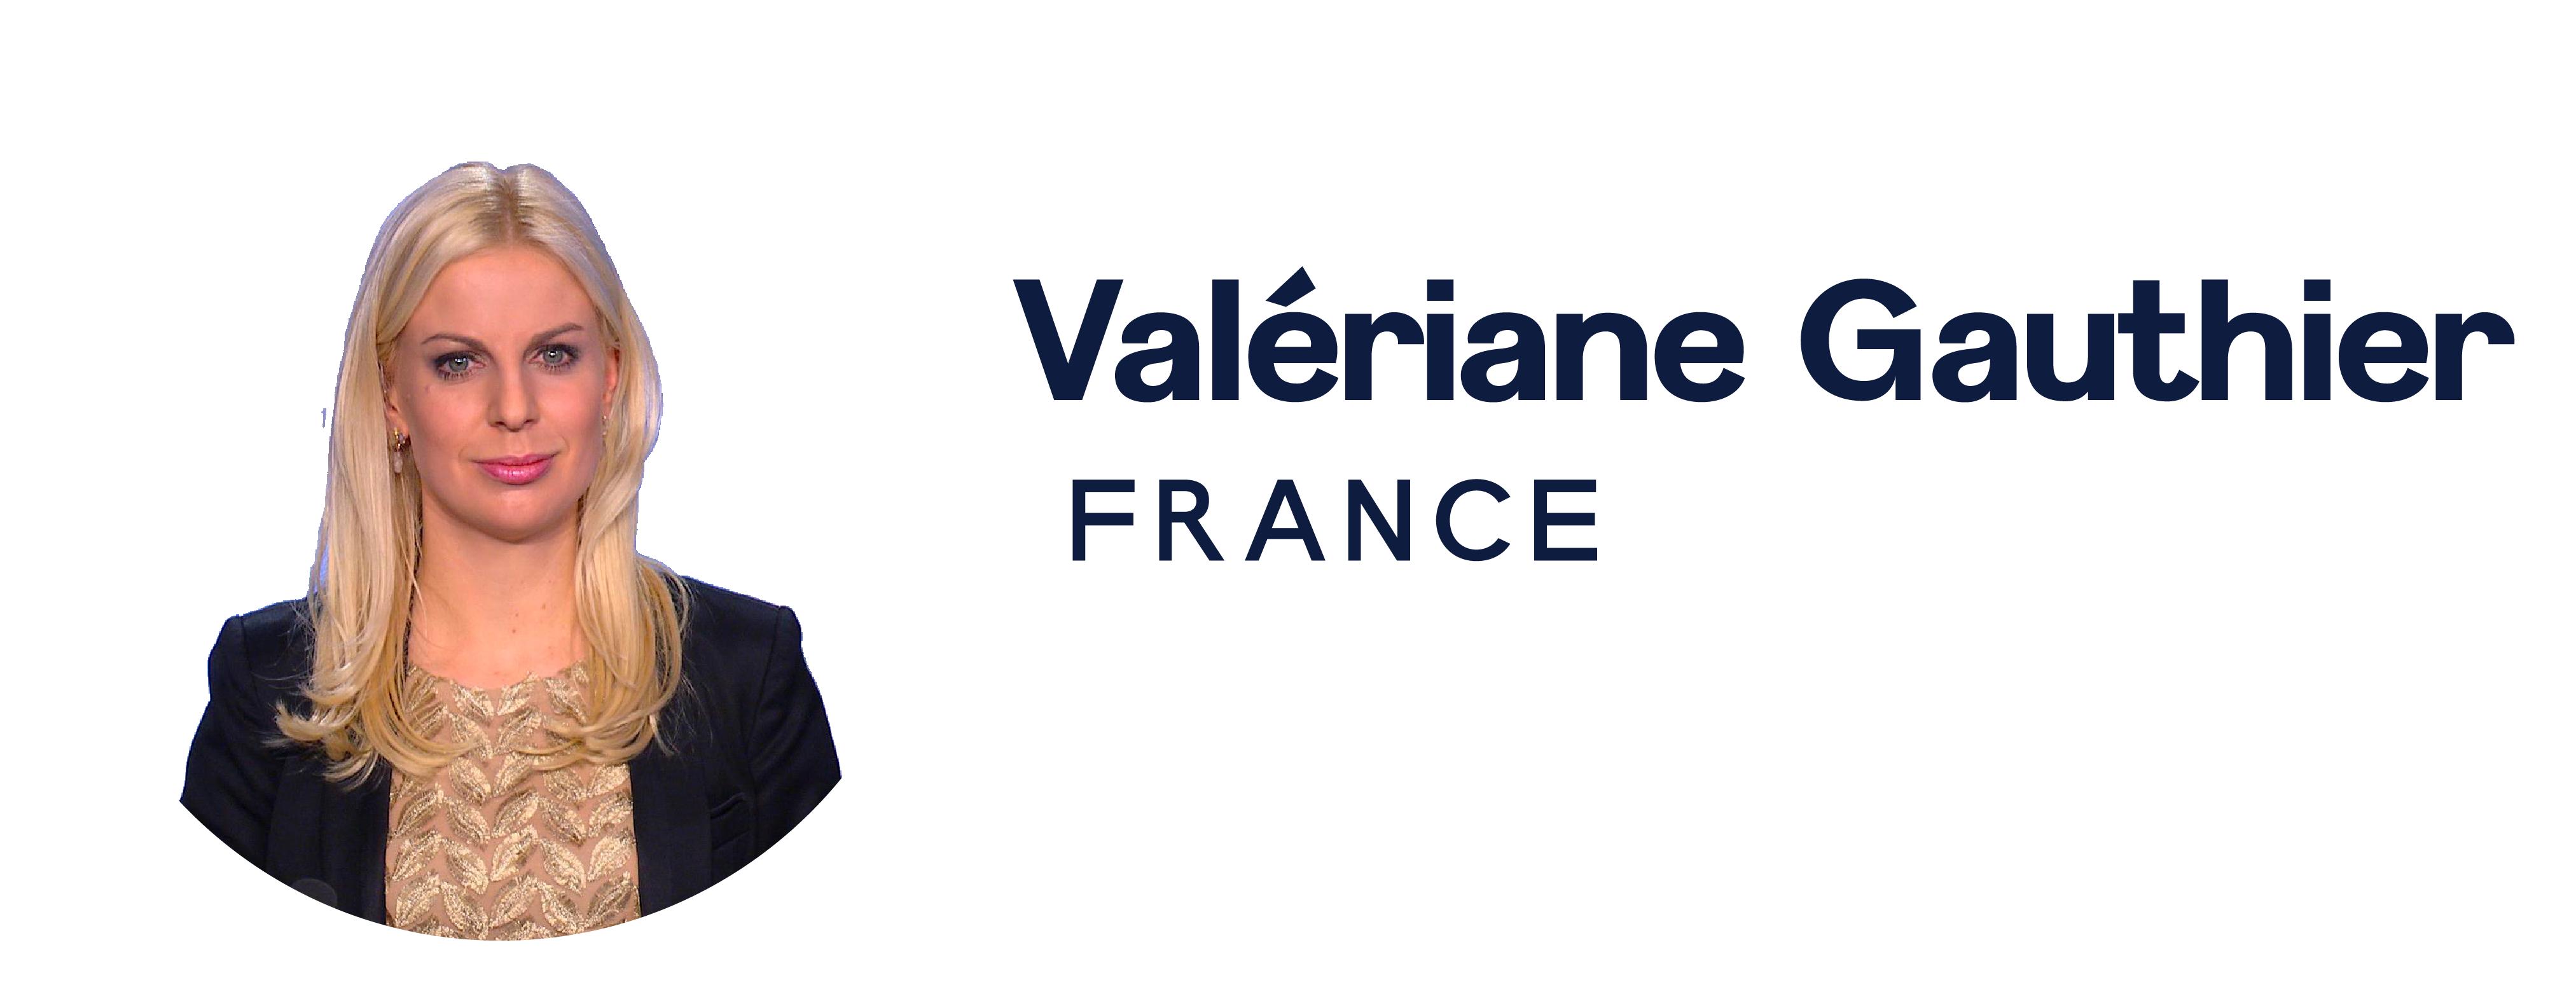 Valériane Gauthier_3